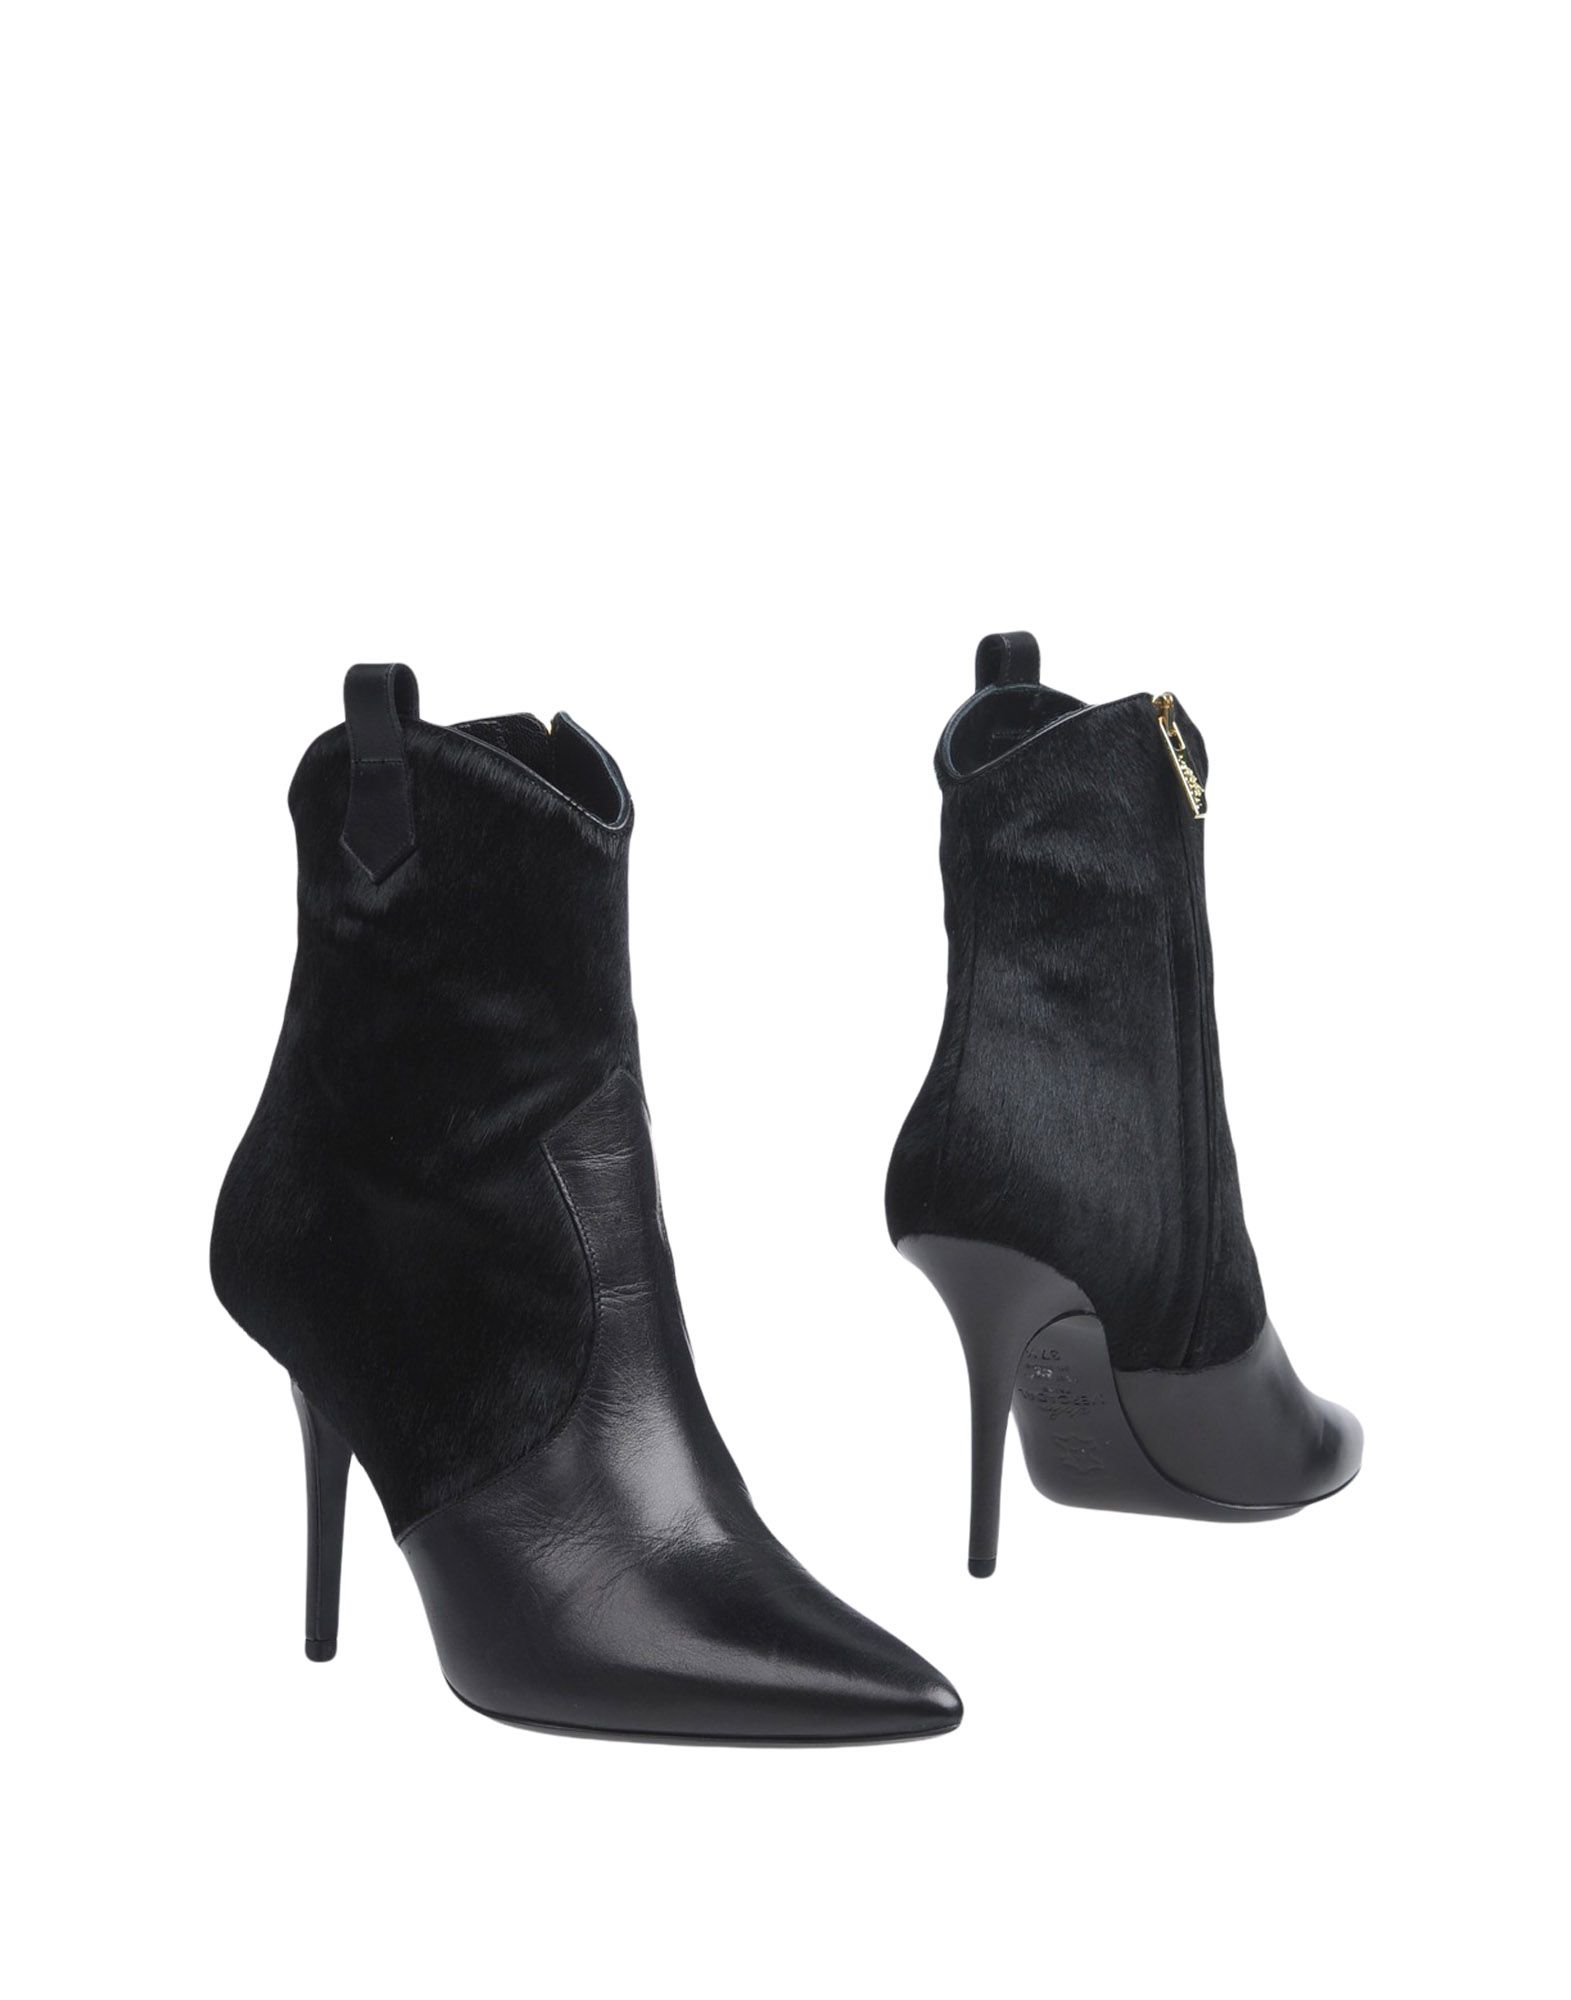 Atelier Mercadal Stiefelette Damen  11354817IX Gute Qualität beliebte Schuhe